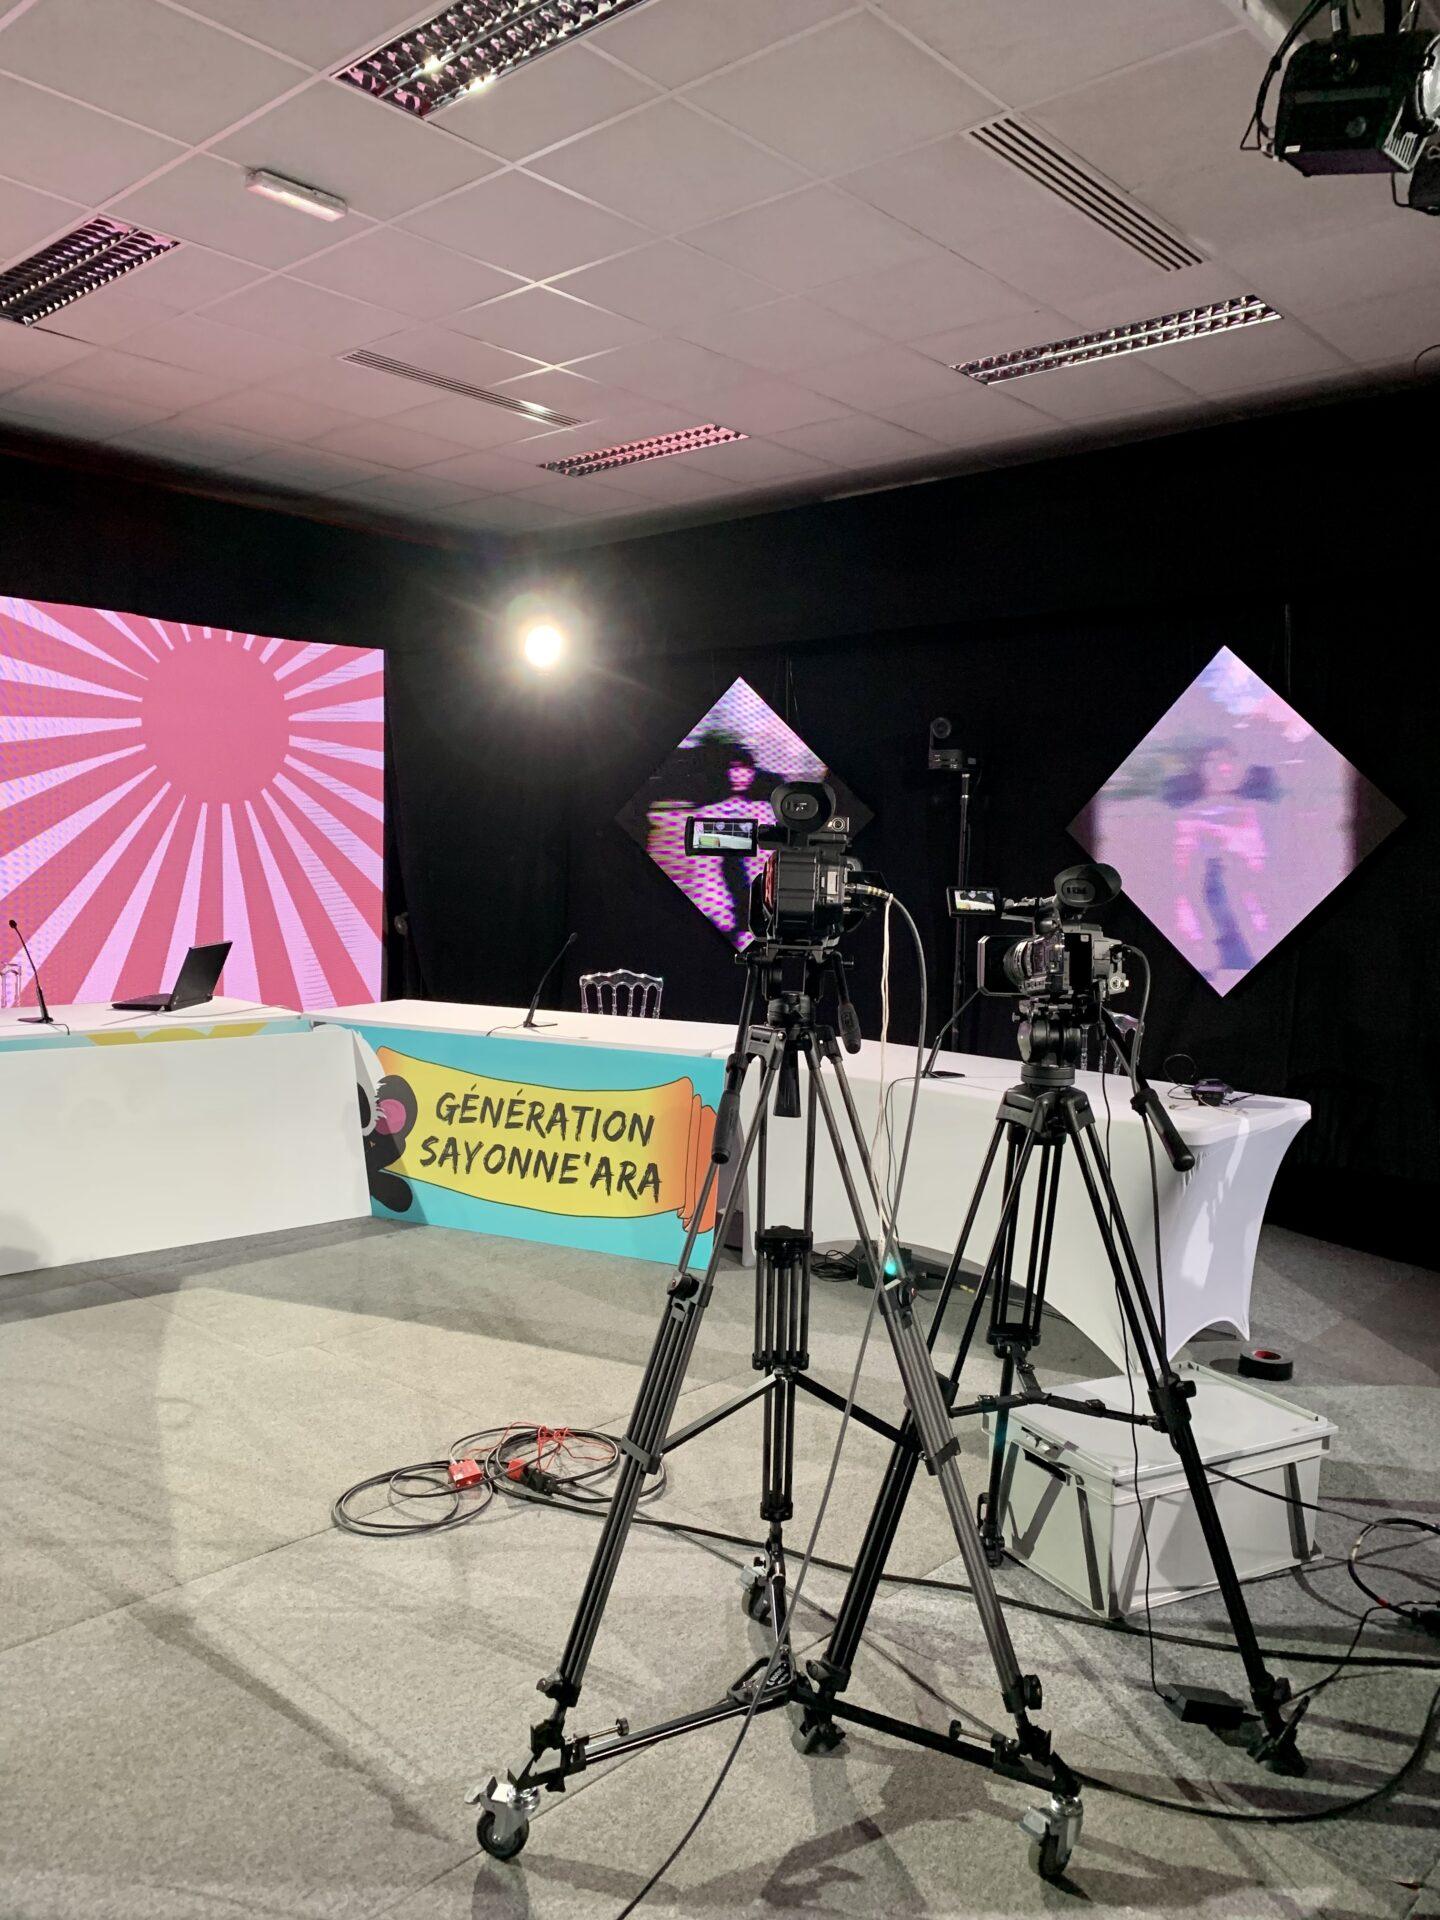 plateau émission live sayonne'ara 2021